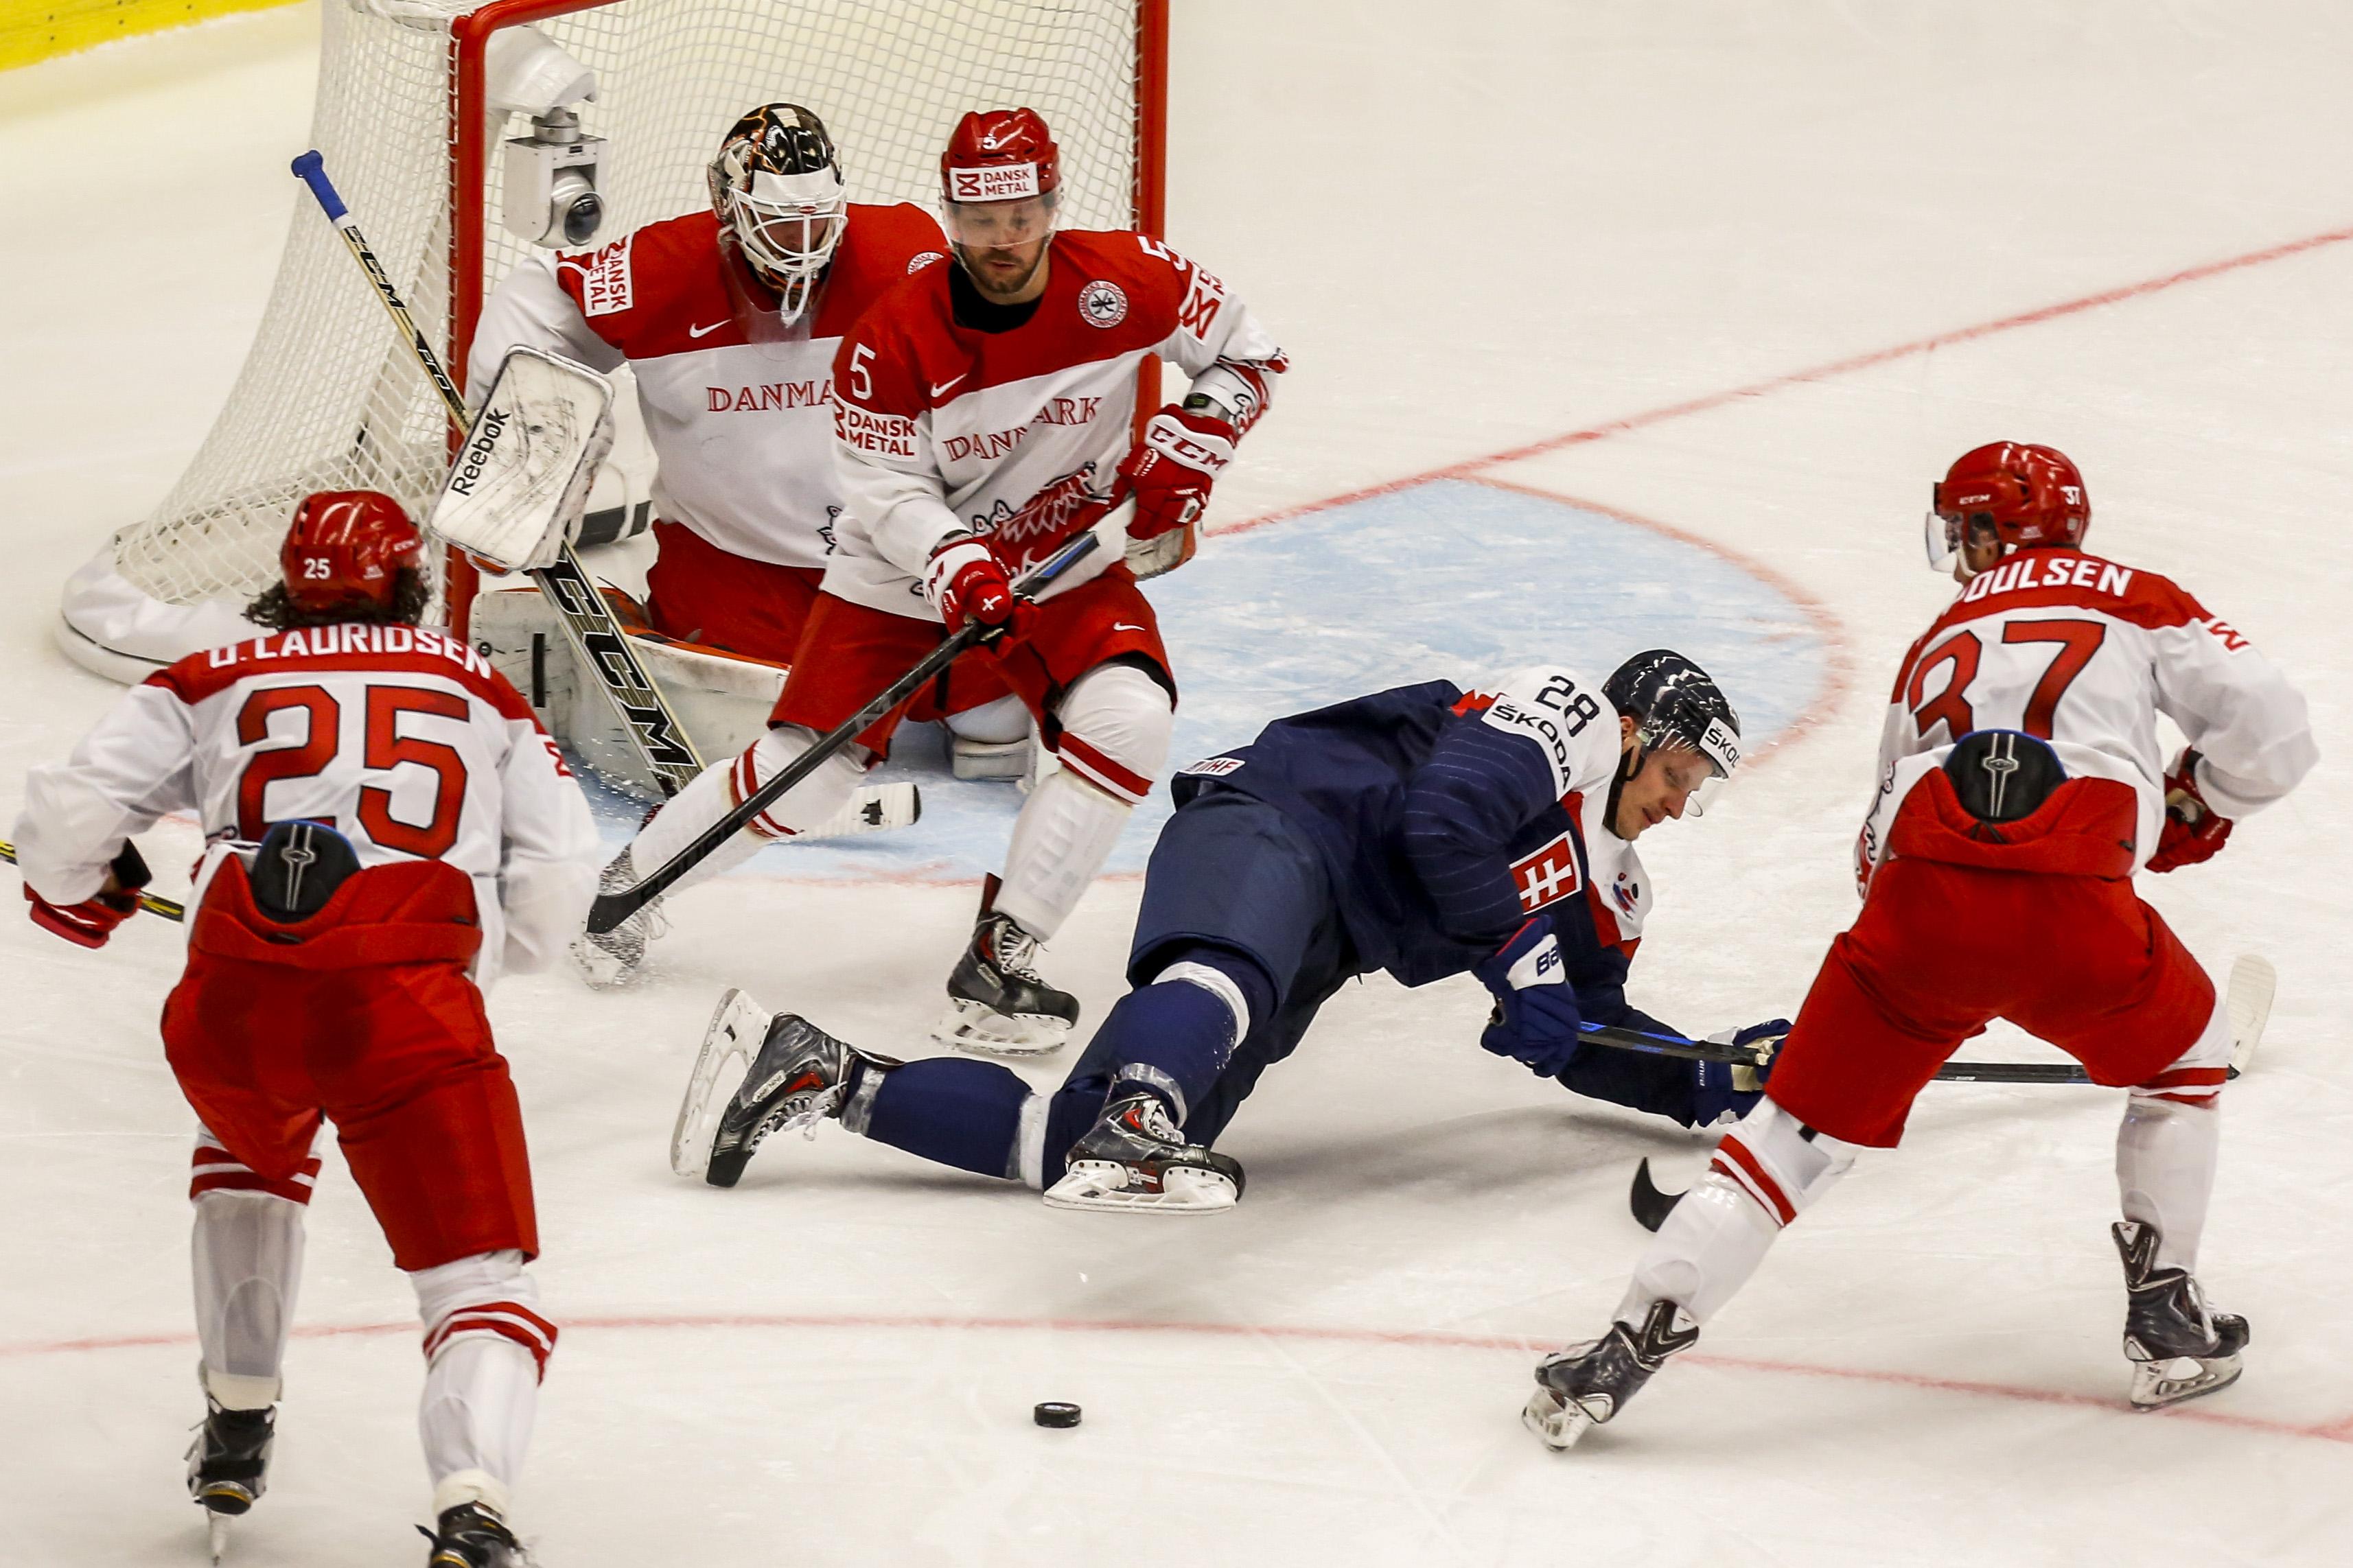 Шайбы не считаем: сборная России идет без поражений на чемпионате мира